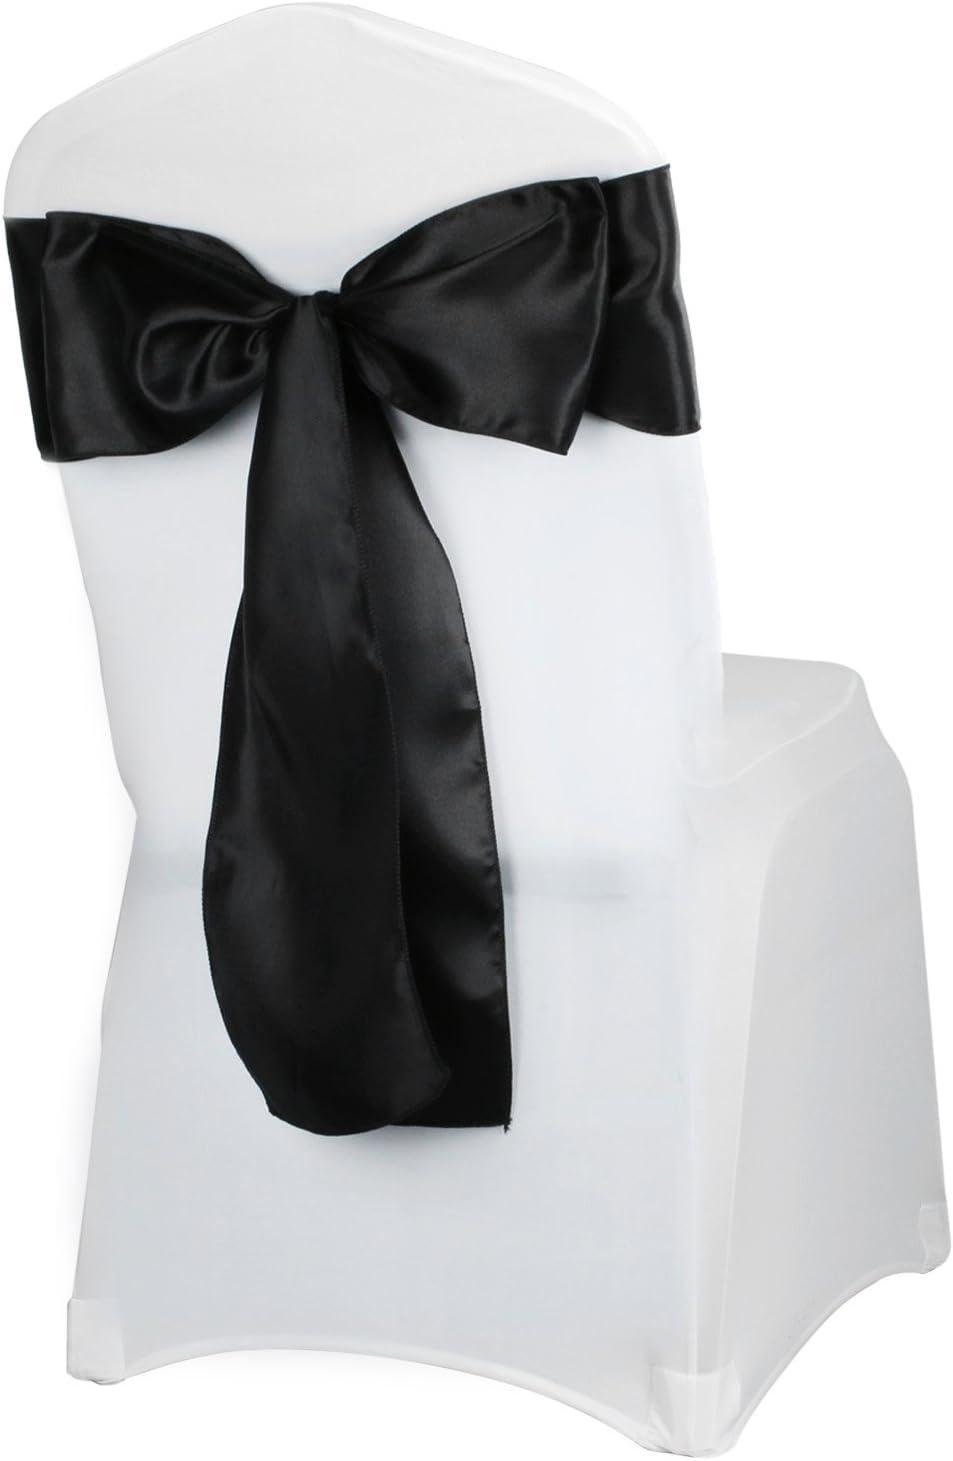 vlovelife 100/Lila Satin Stuhl Sch/ärpe B/ögen Dekoband Bankettstuhl Krawatte Motiv Schleife Hochzeit Party Geburtstag Dekoration gold